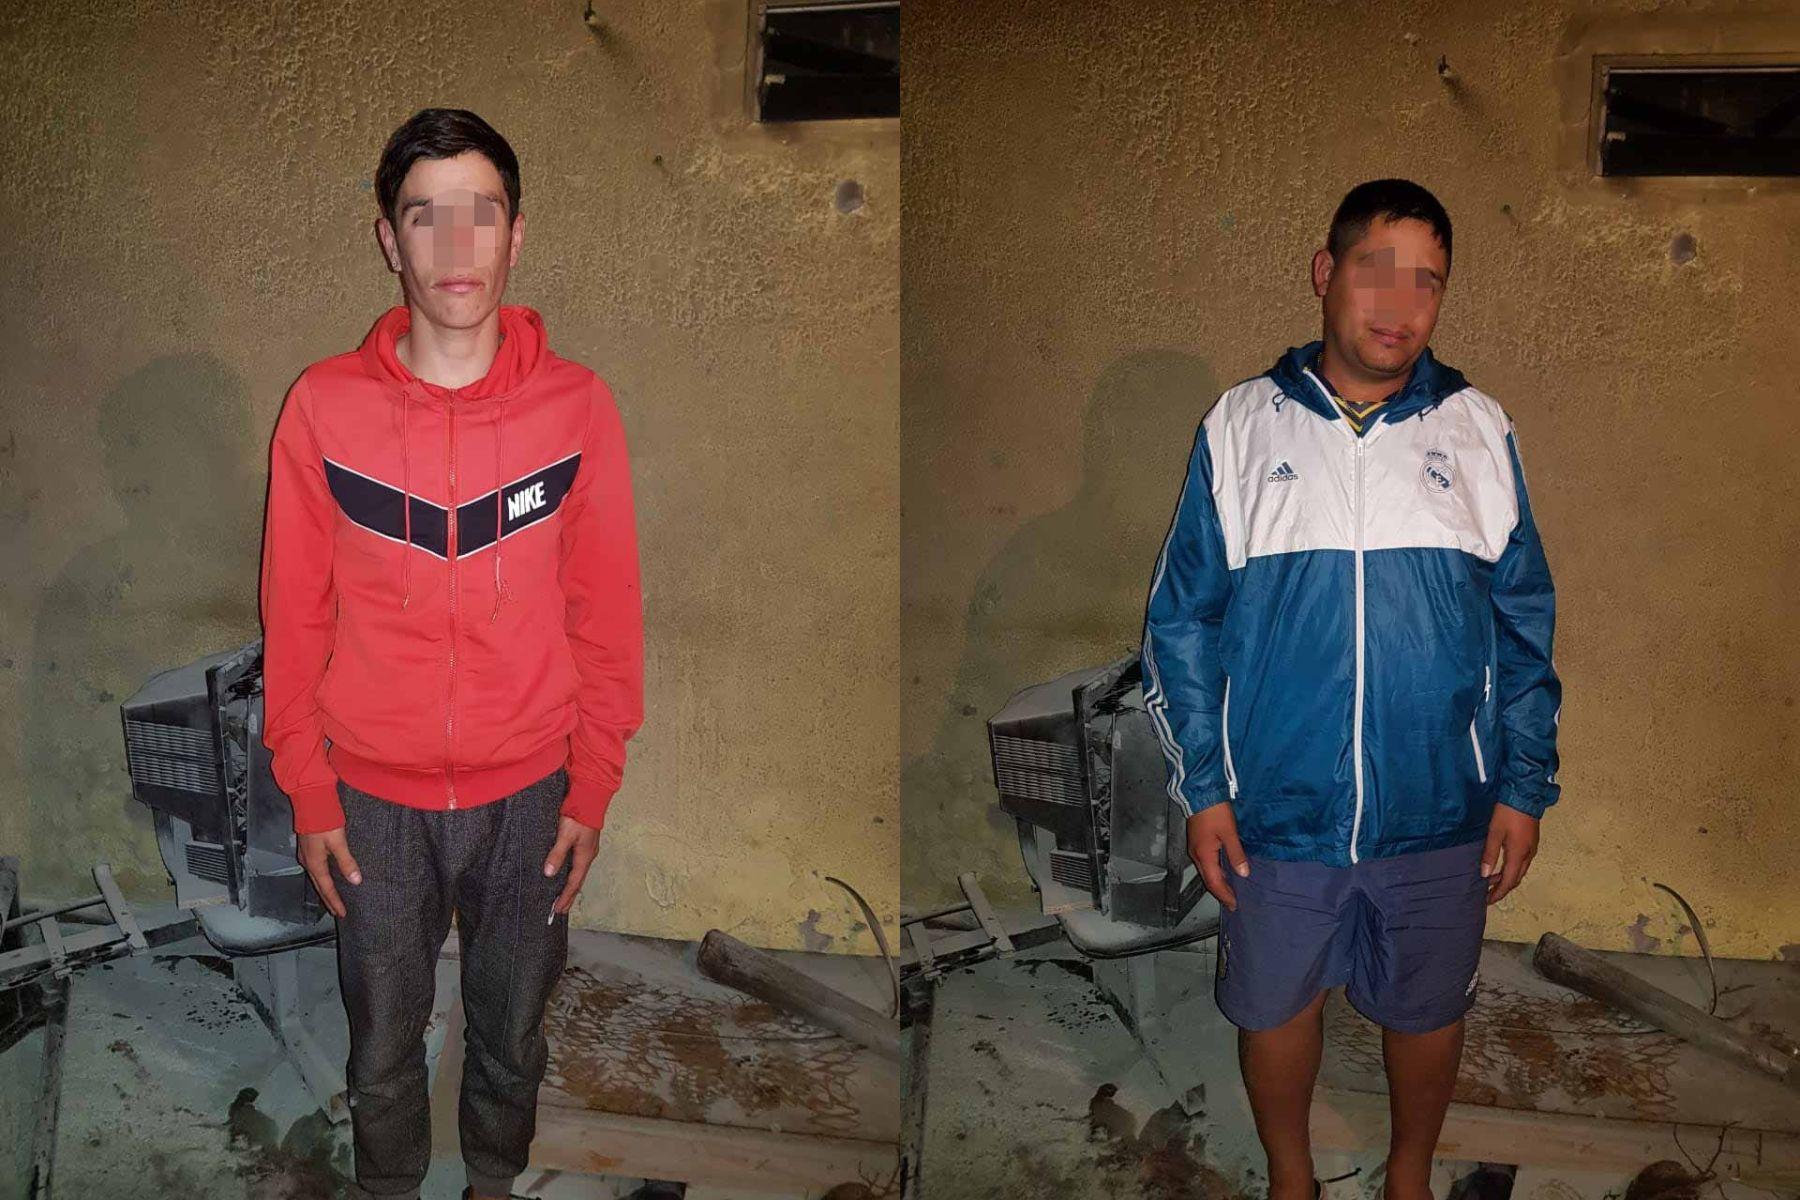 Dos hombres fueron detenidos por el robo de la bicicleta adaptada.